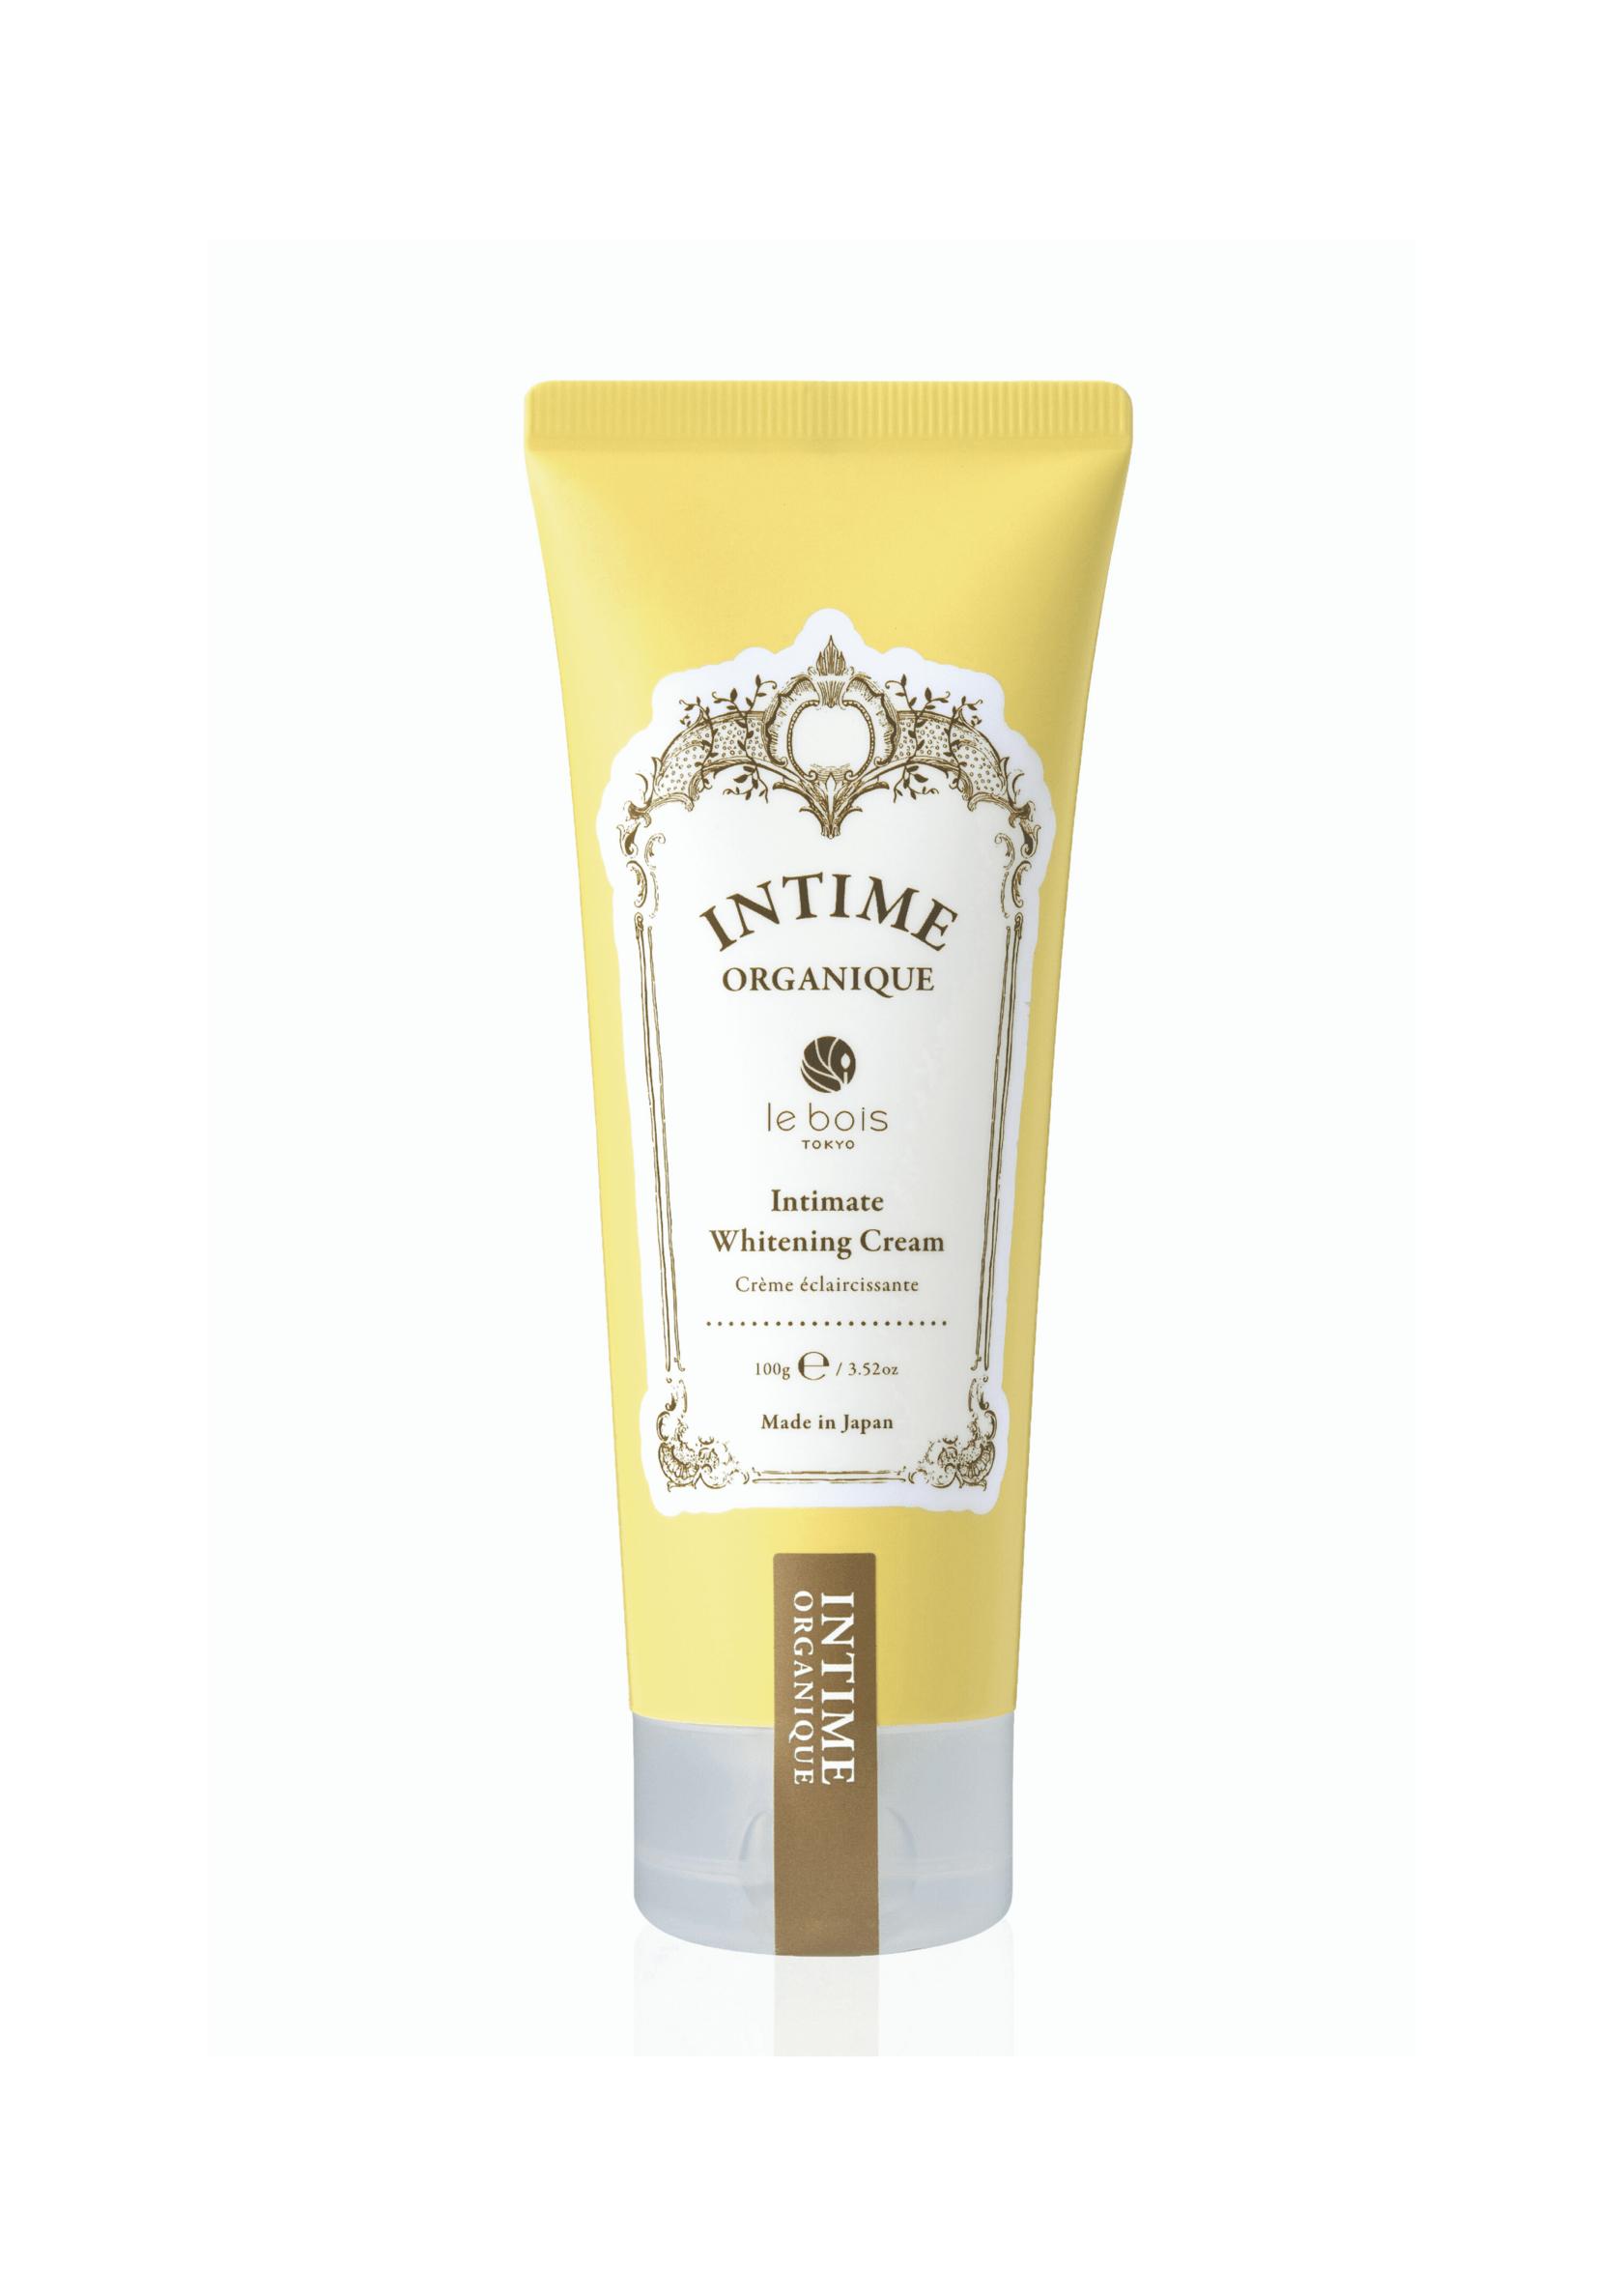 Осветляющий крем для деликатных зон без запаха Whitening Cream FF Intime Organique Япония 100 г(р) — фото №1